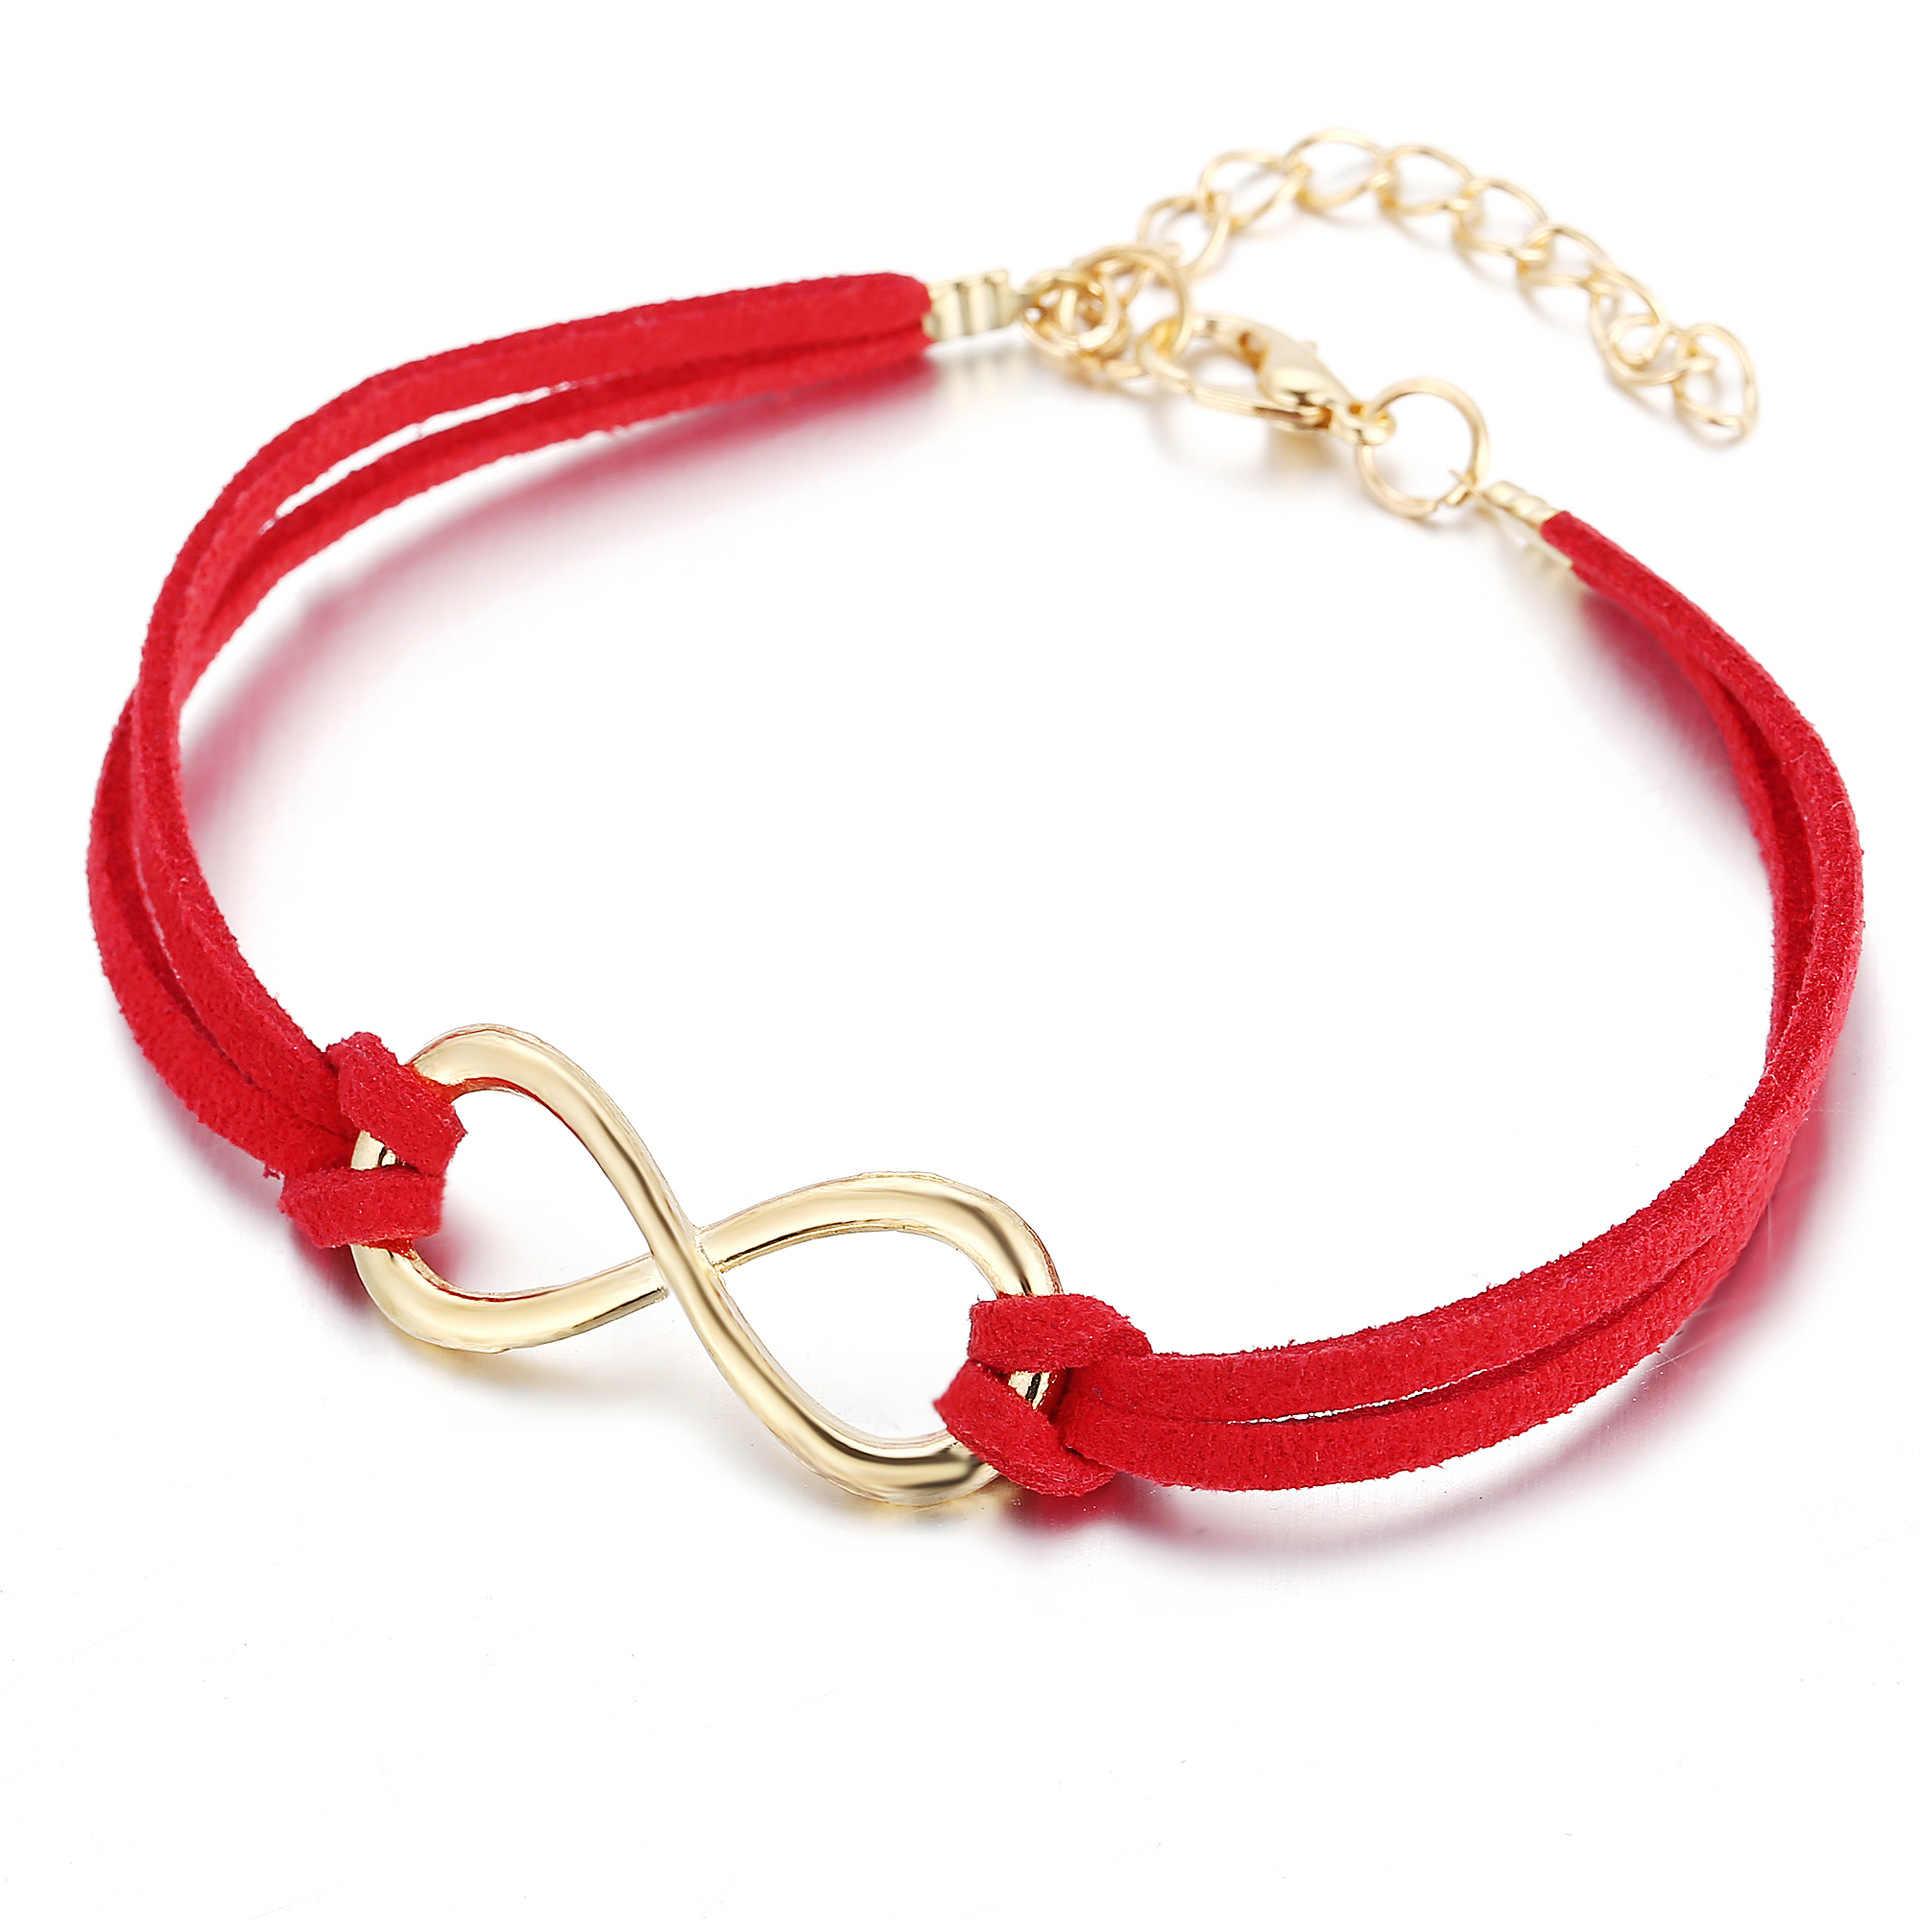 New Arrival najlepsi przyjaciele na zawsze Charms bransoletka antyczne srebro nieskończoność miłość 8 kształt skórzane kochanka bransoletki dla kobiet mężczyzn